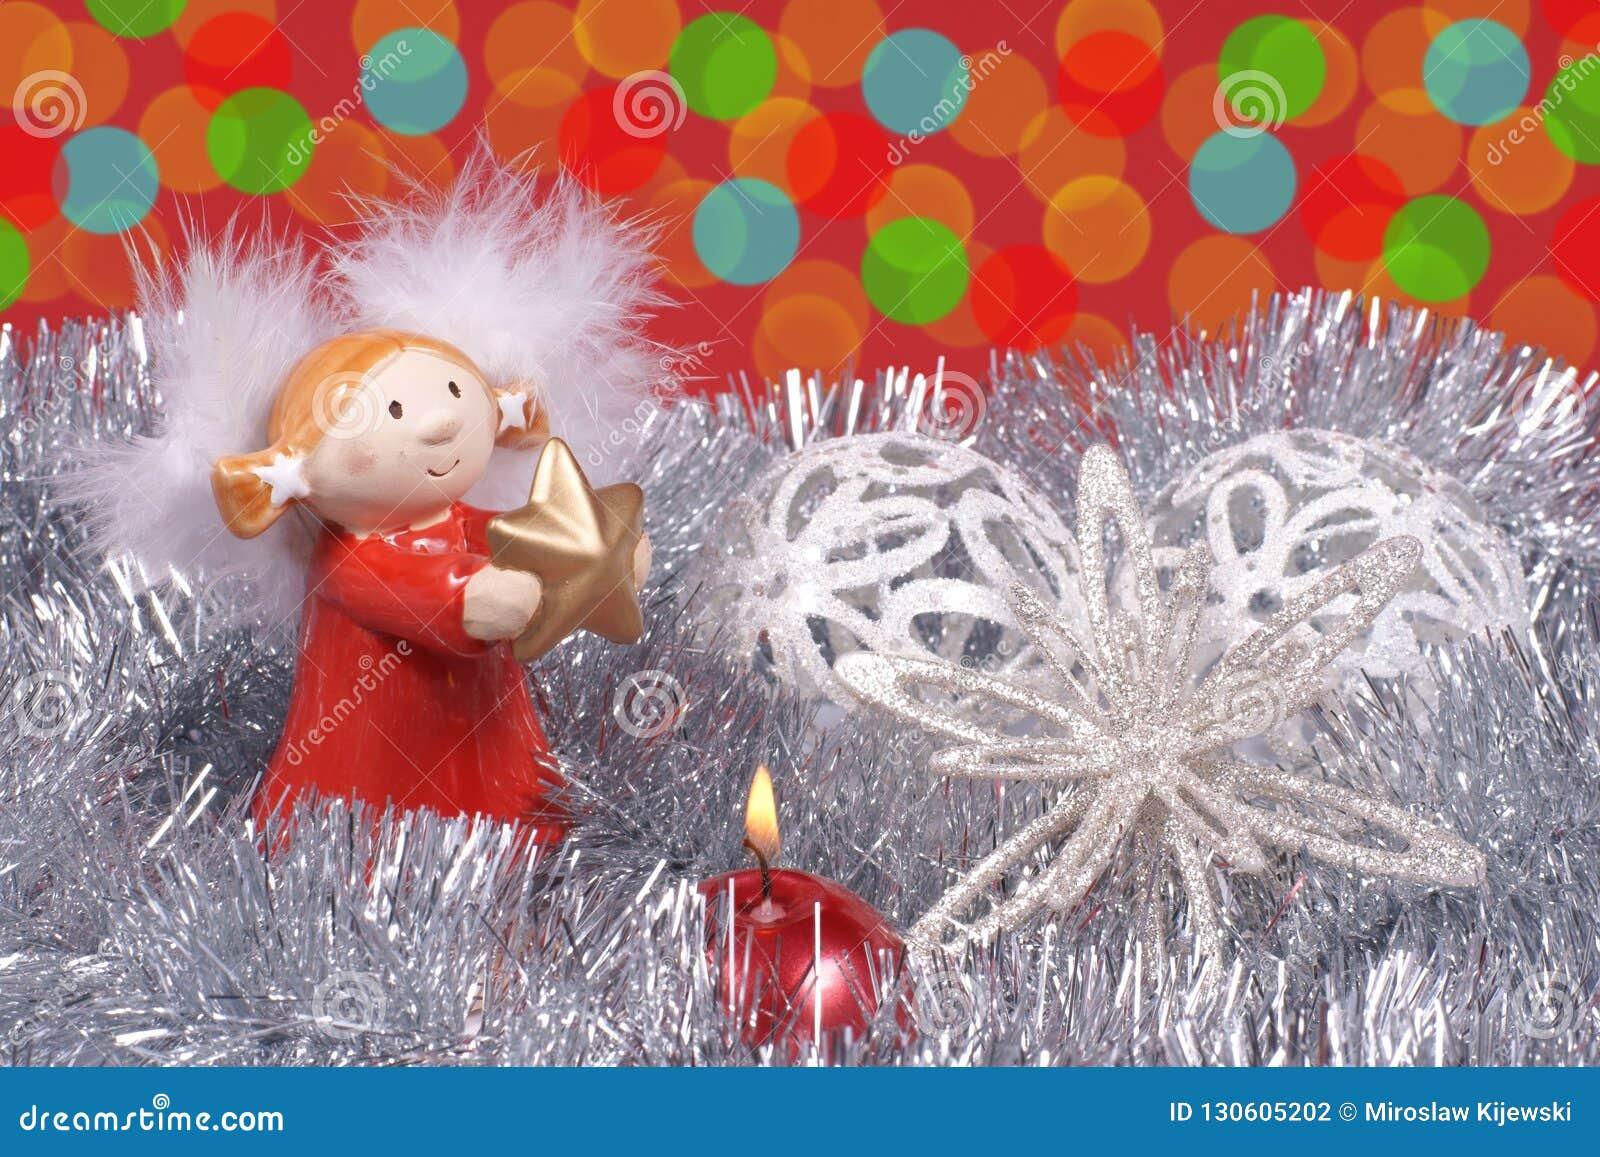 Engel, Kerstboomdecoratie, en kleurrijke gloed van licht